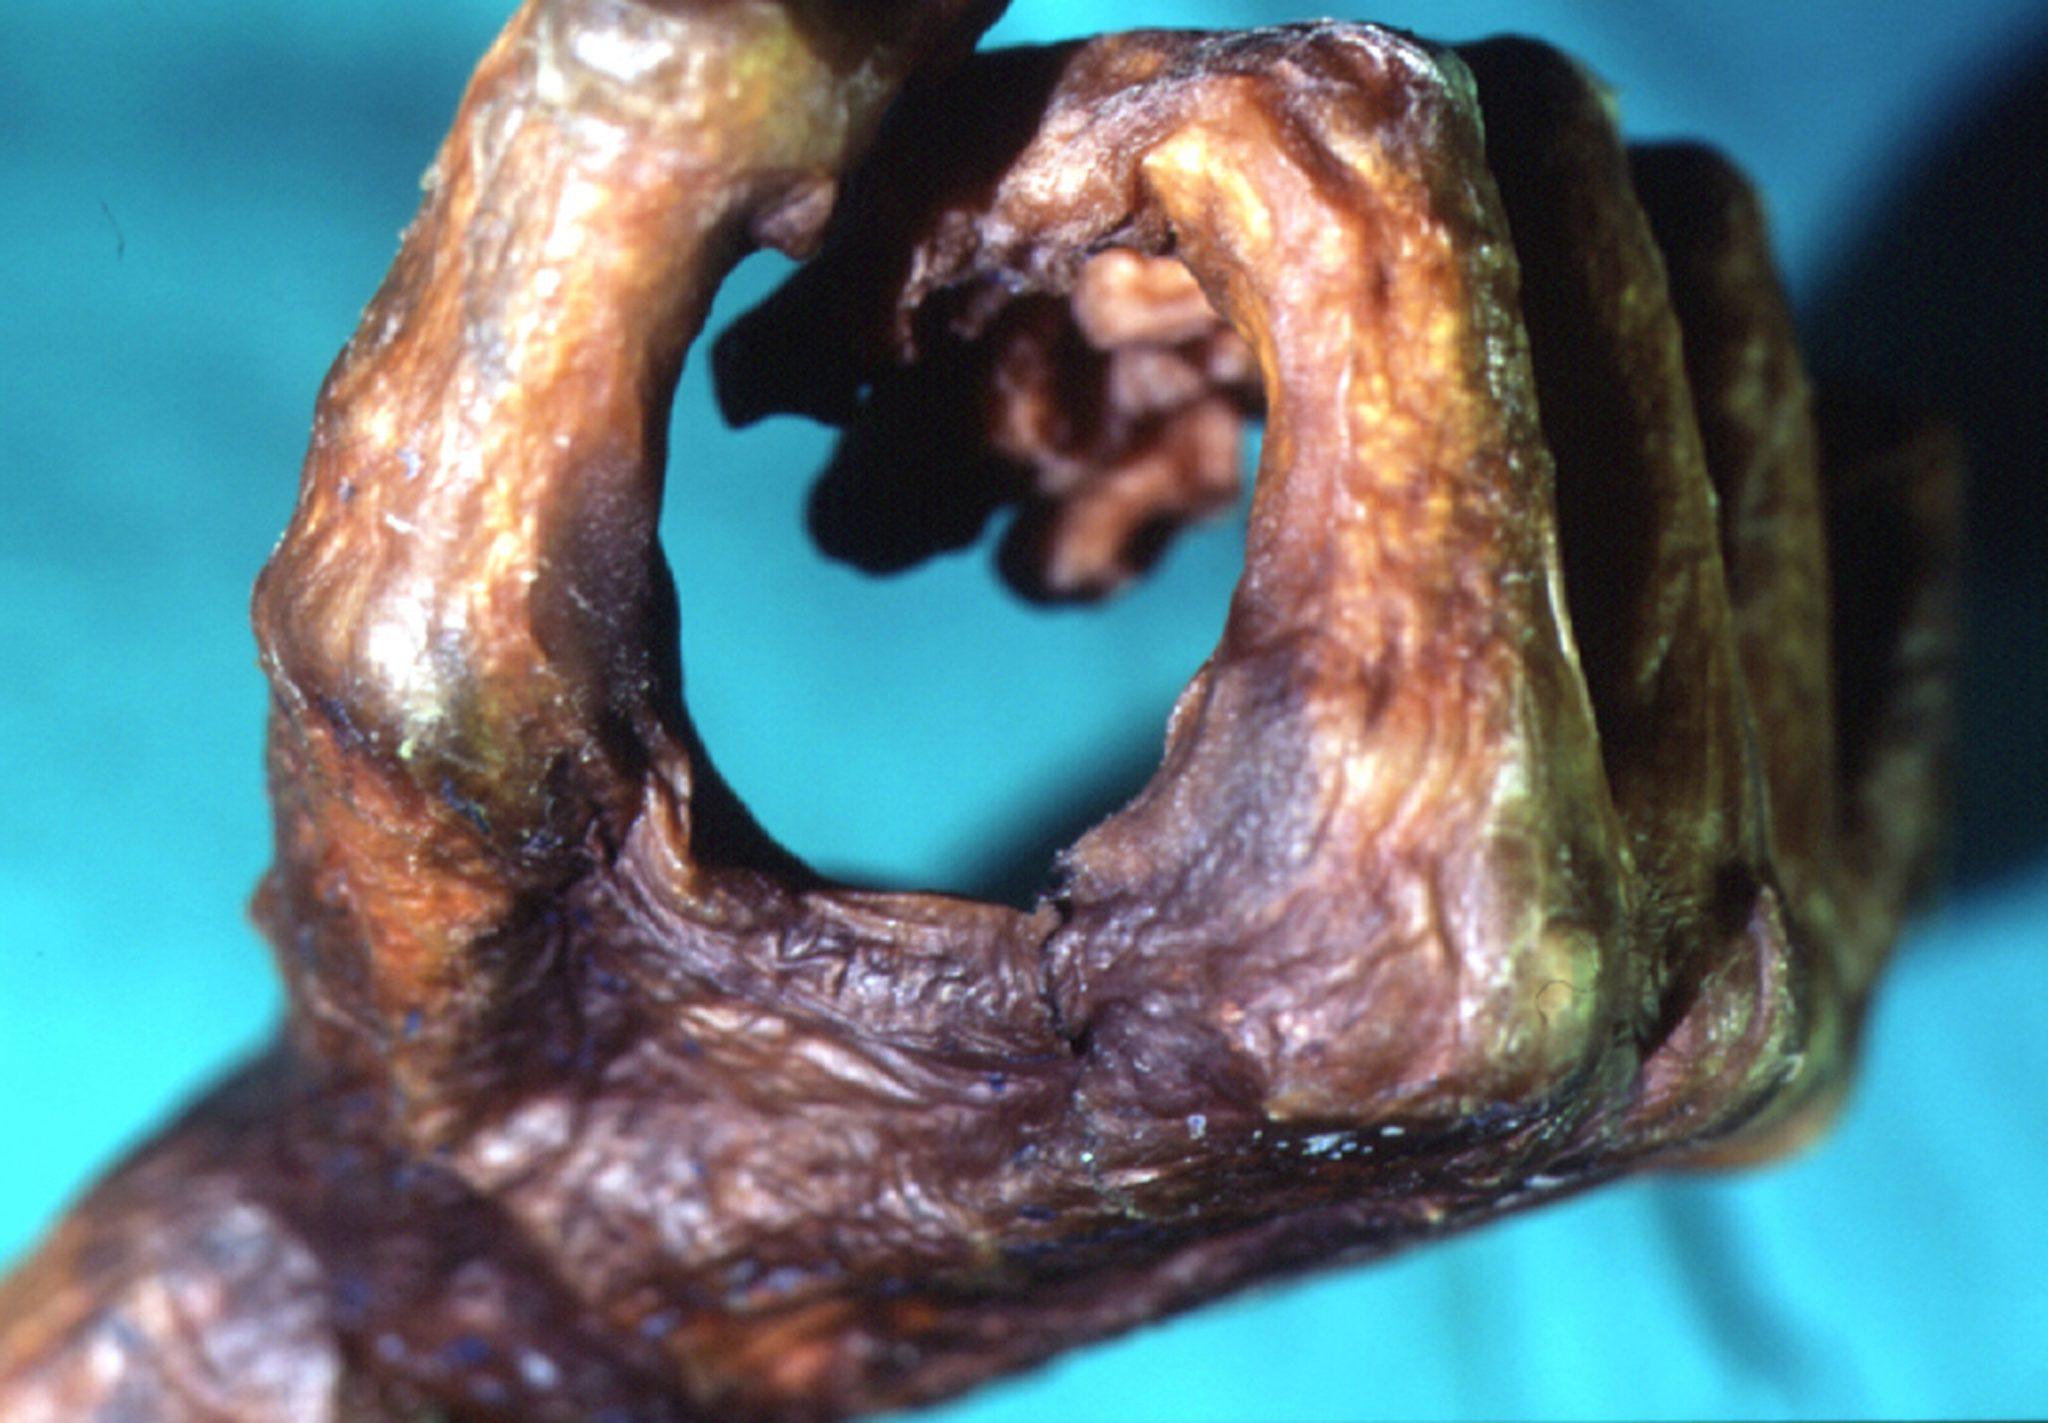 Le ultime ricerche su Ötzi: una morte inaspettata, i contatti con la Toscana e una voce profonda